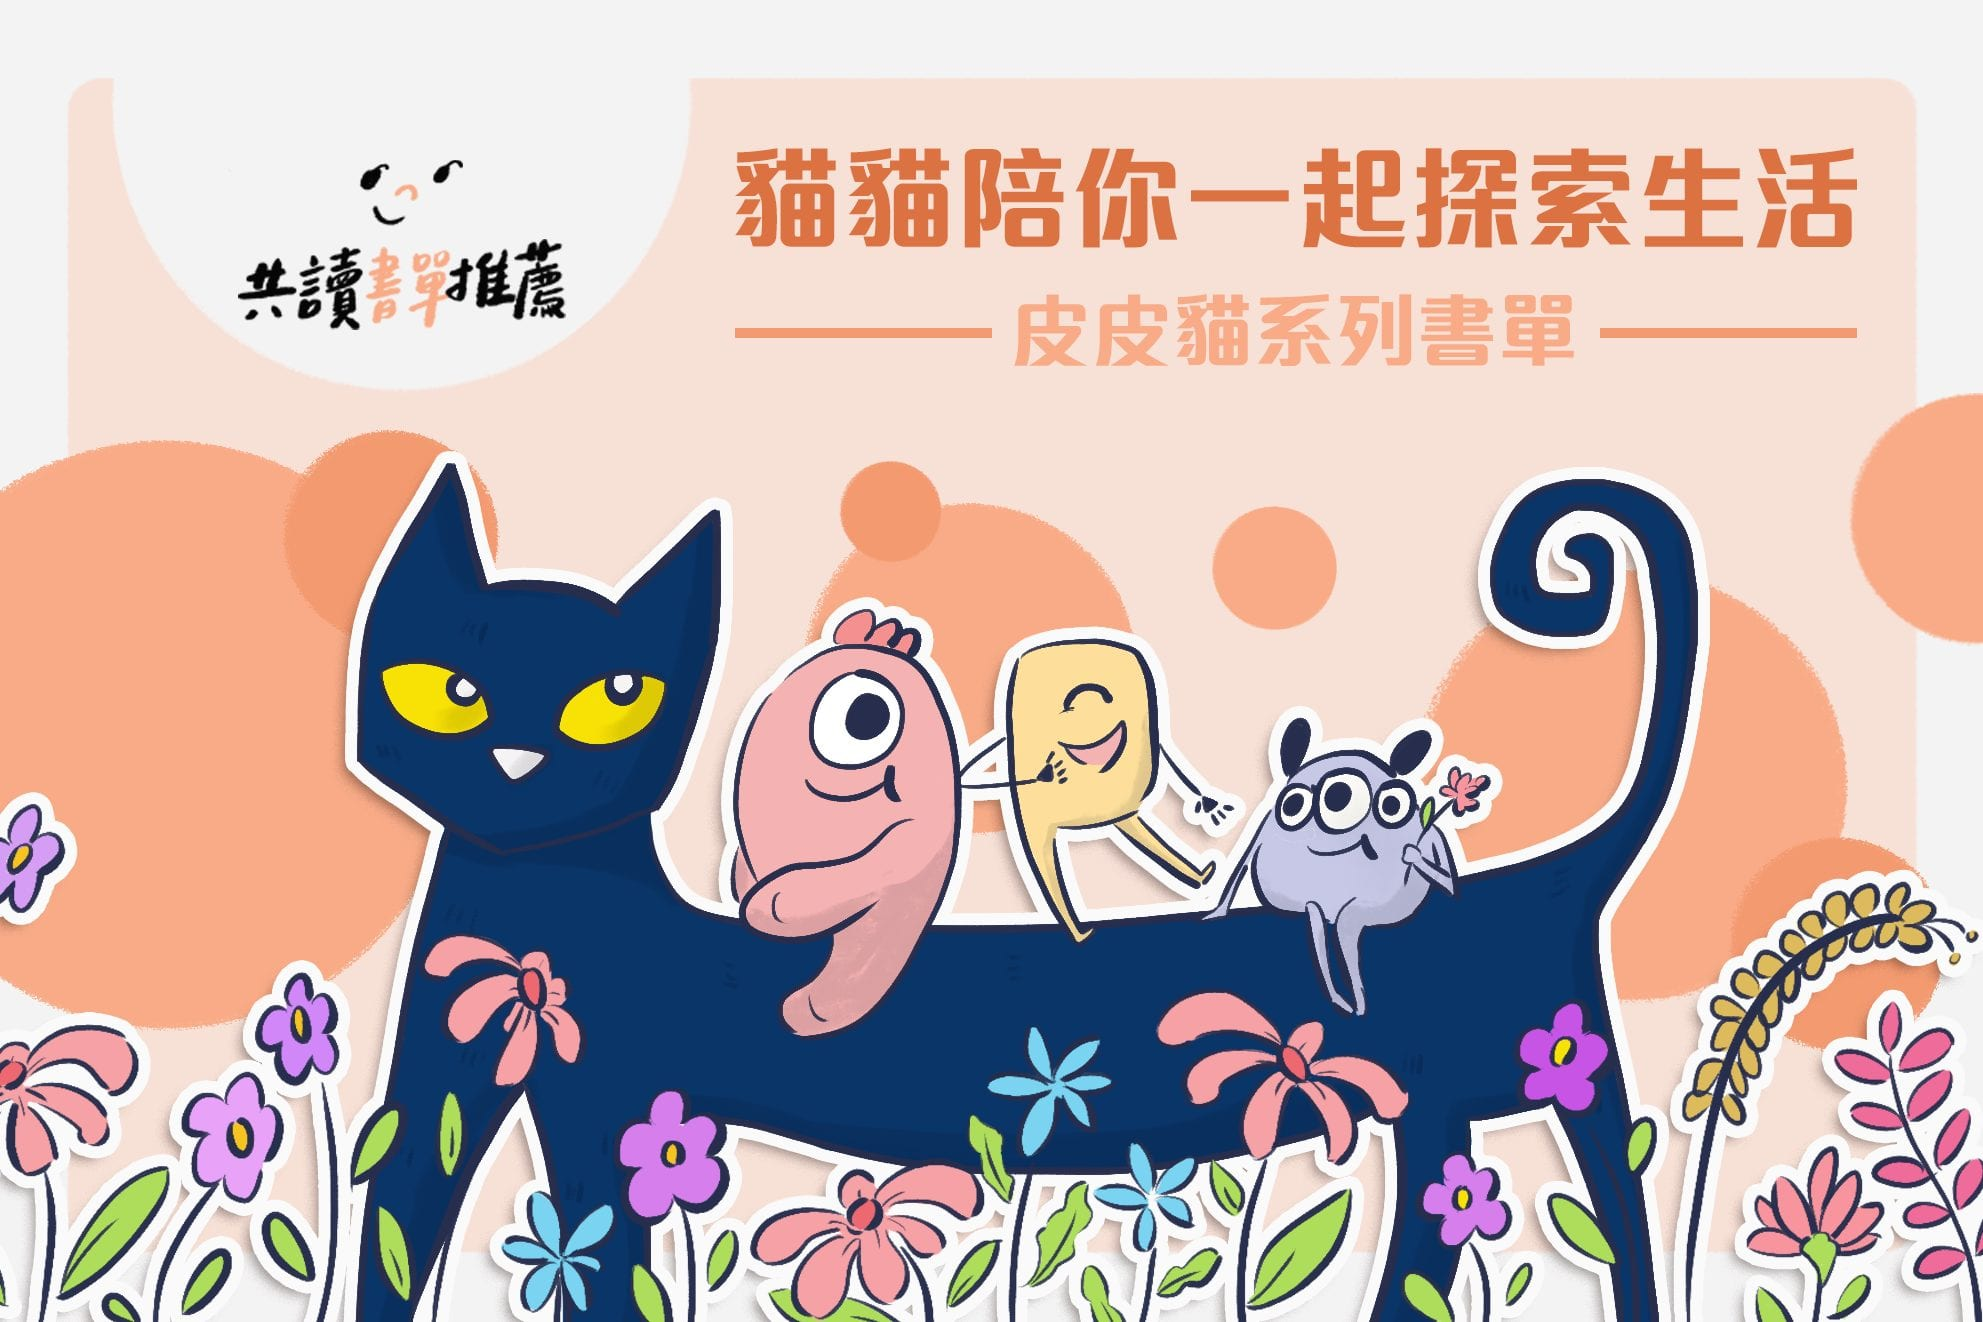 皮皮貓系列書單 貓貓陪你一起探索生活